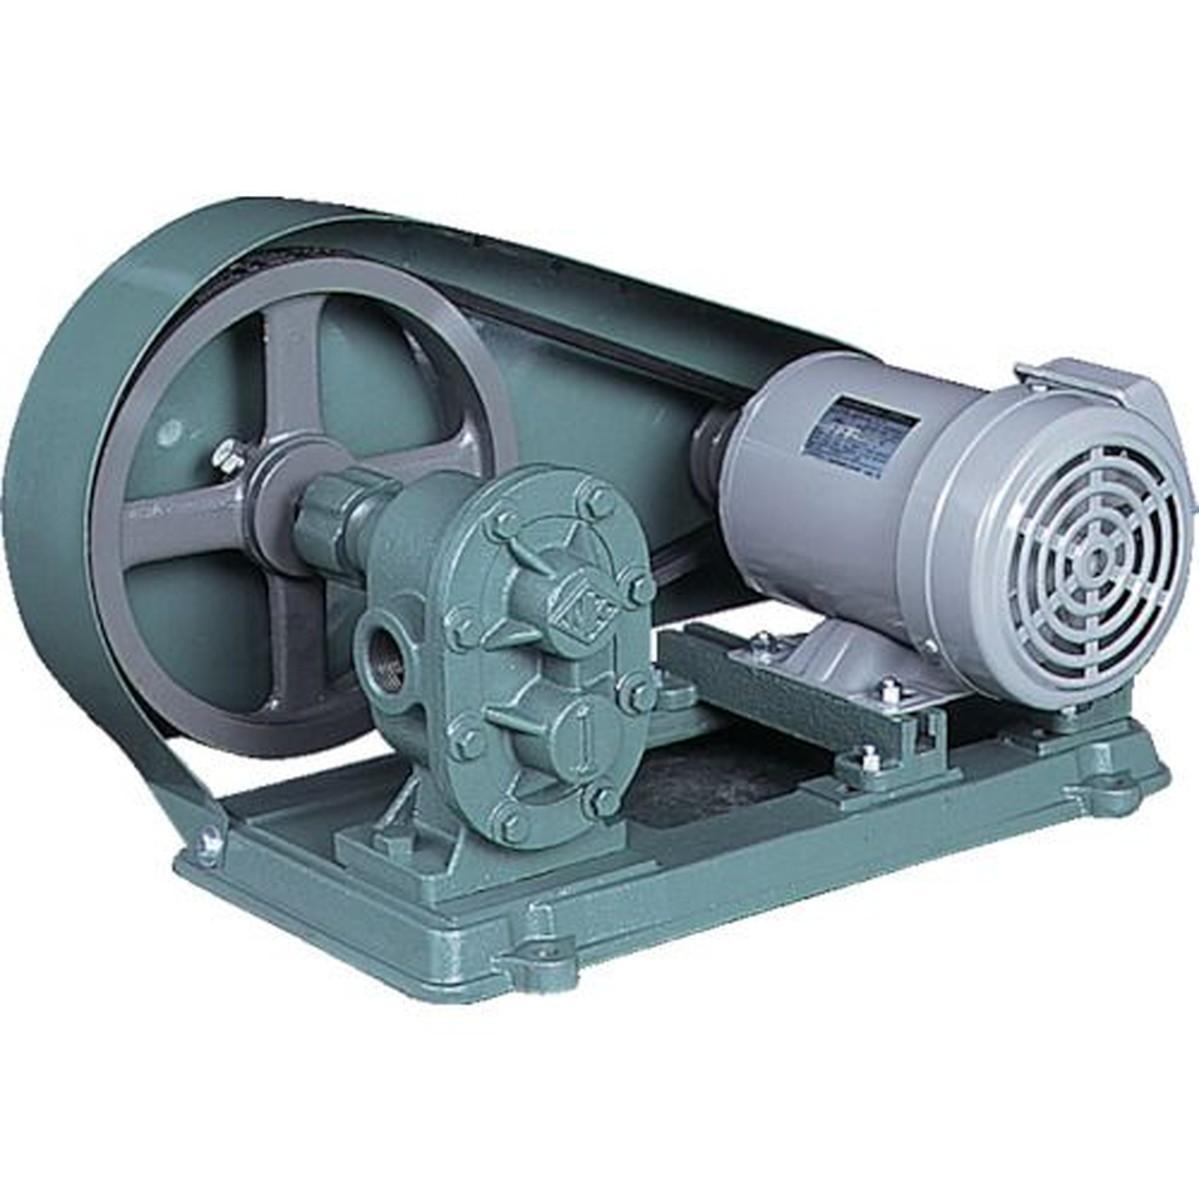 【在庫一掃】 NK ギヤーポンプ(電動機連結型) 口径8A 1台, ANCH CRASH(アンククラッシュ) ba3e91a1